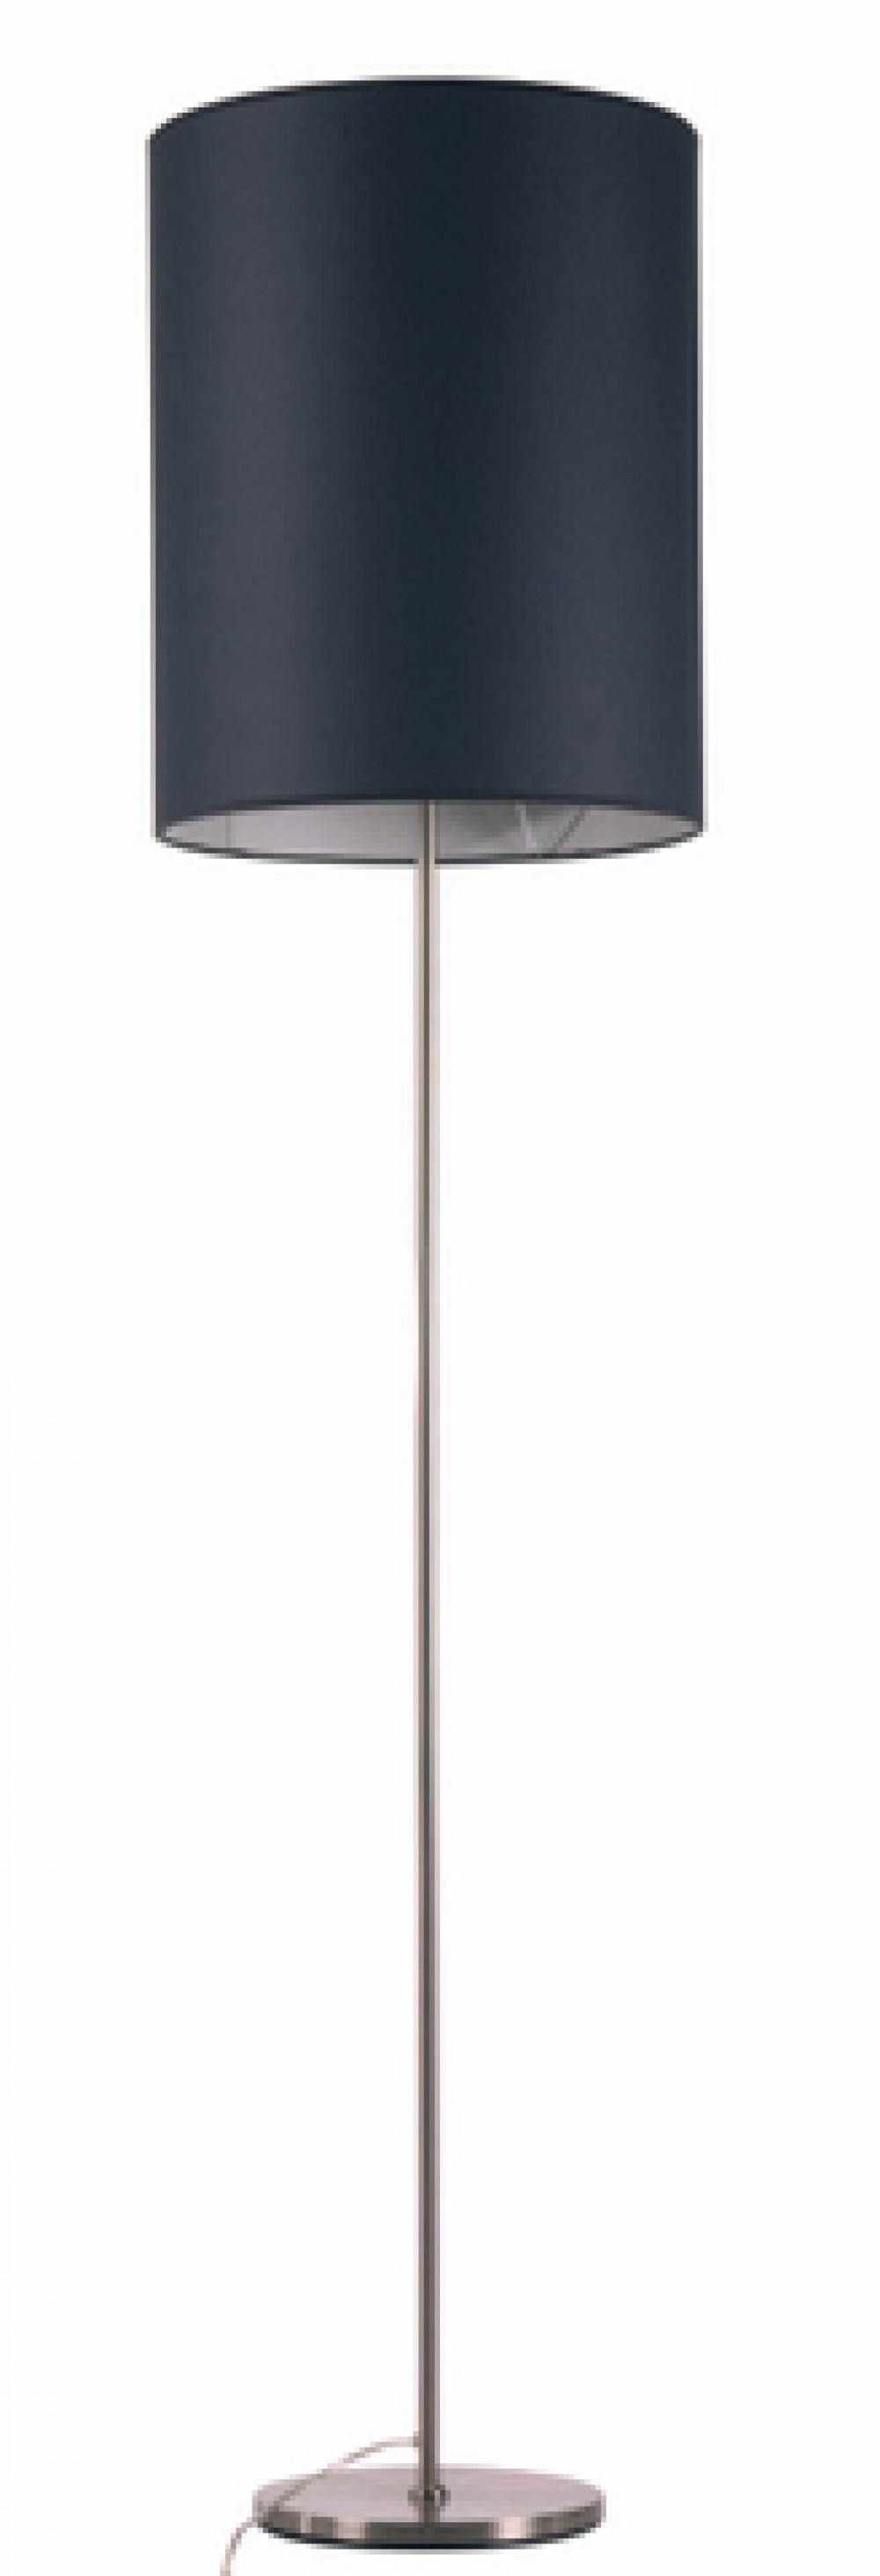 stehlampe mit einem grauen zylinderf rmigen lampenschirm 40 cm durchmesser h he 50 cm. Black Bedroom Furniture Sets. Home Design Ideas